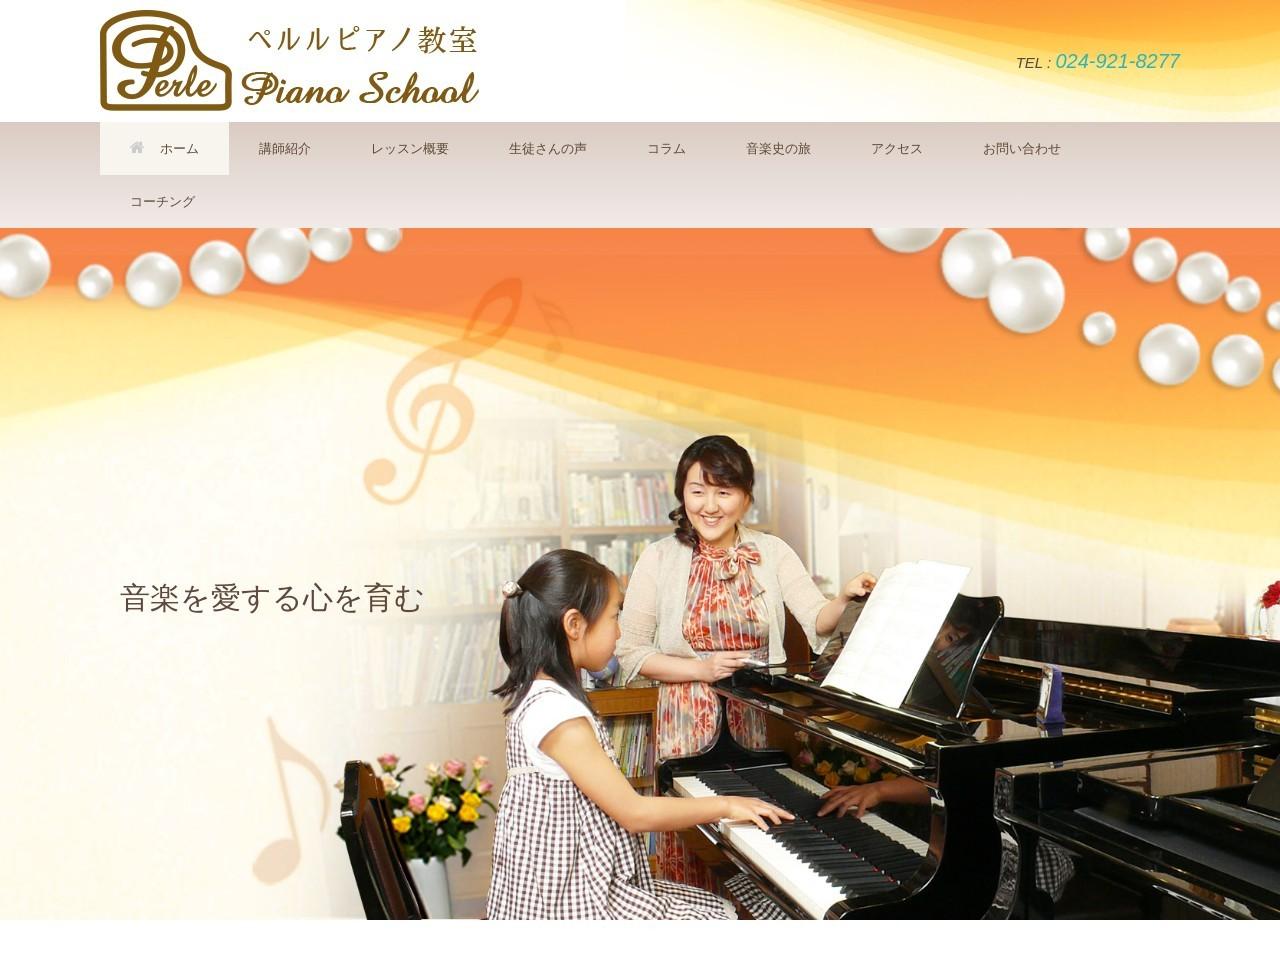 ペルルピアノ教室のサムネイル